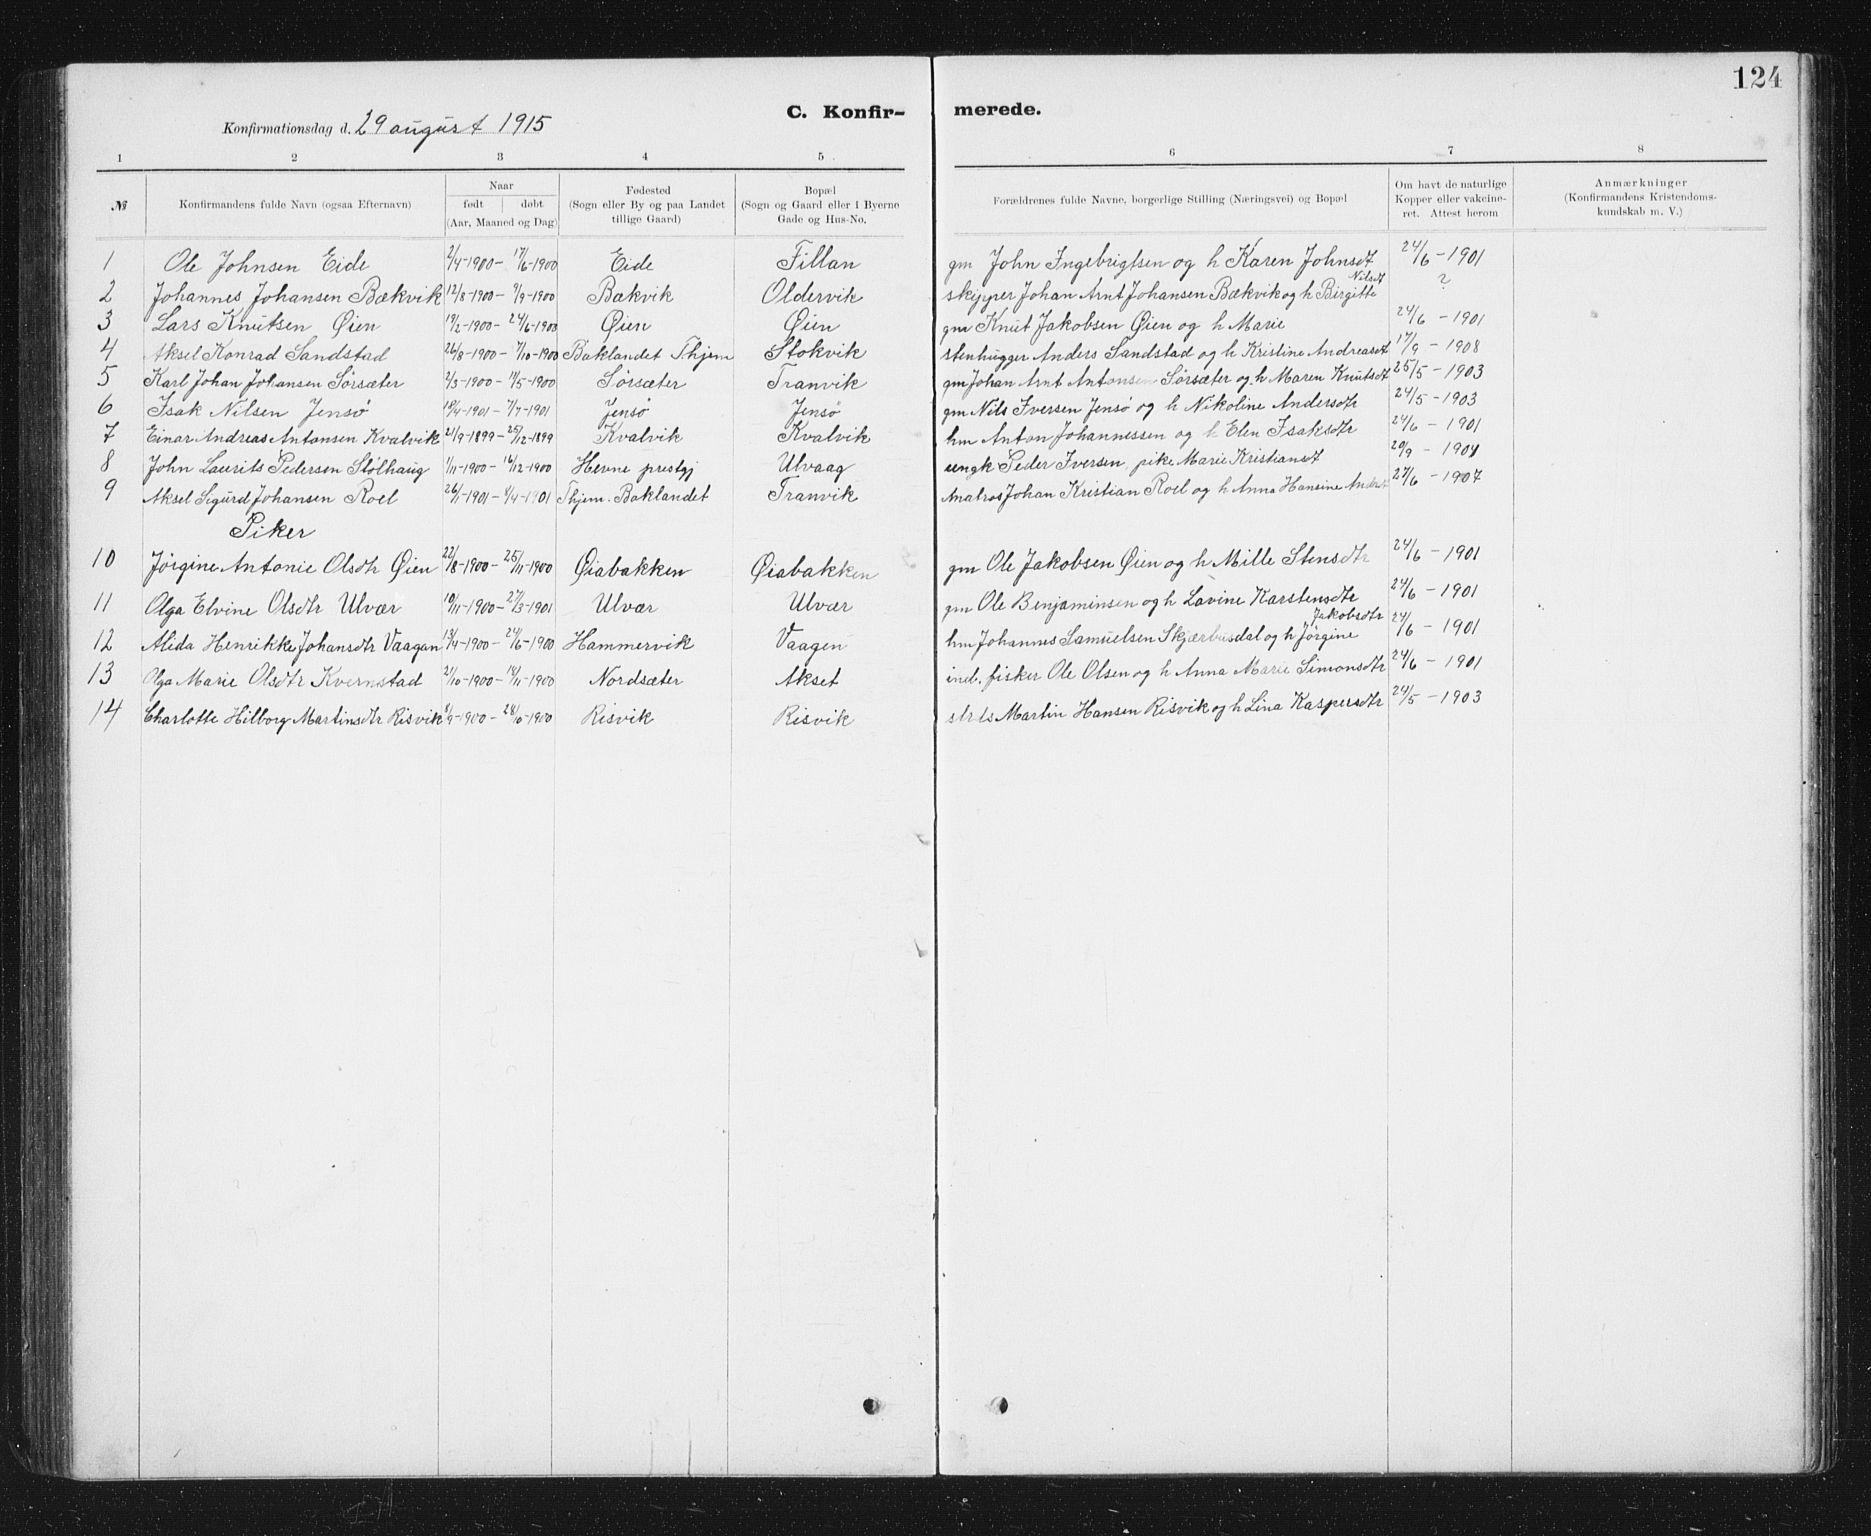 SAT, Ministerialprotokoller, klokkerbøker og fødselsregistre - Sør-Trøndelag, 637/L0563: Klokkerbok nr. 637C04, 1899-1940, s. 124